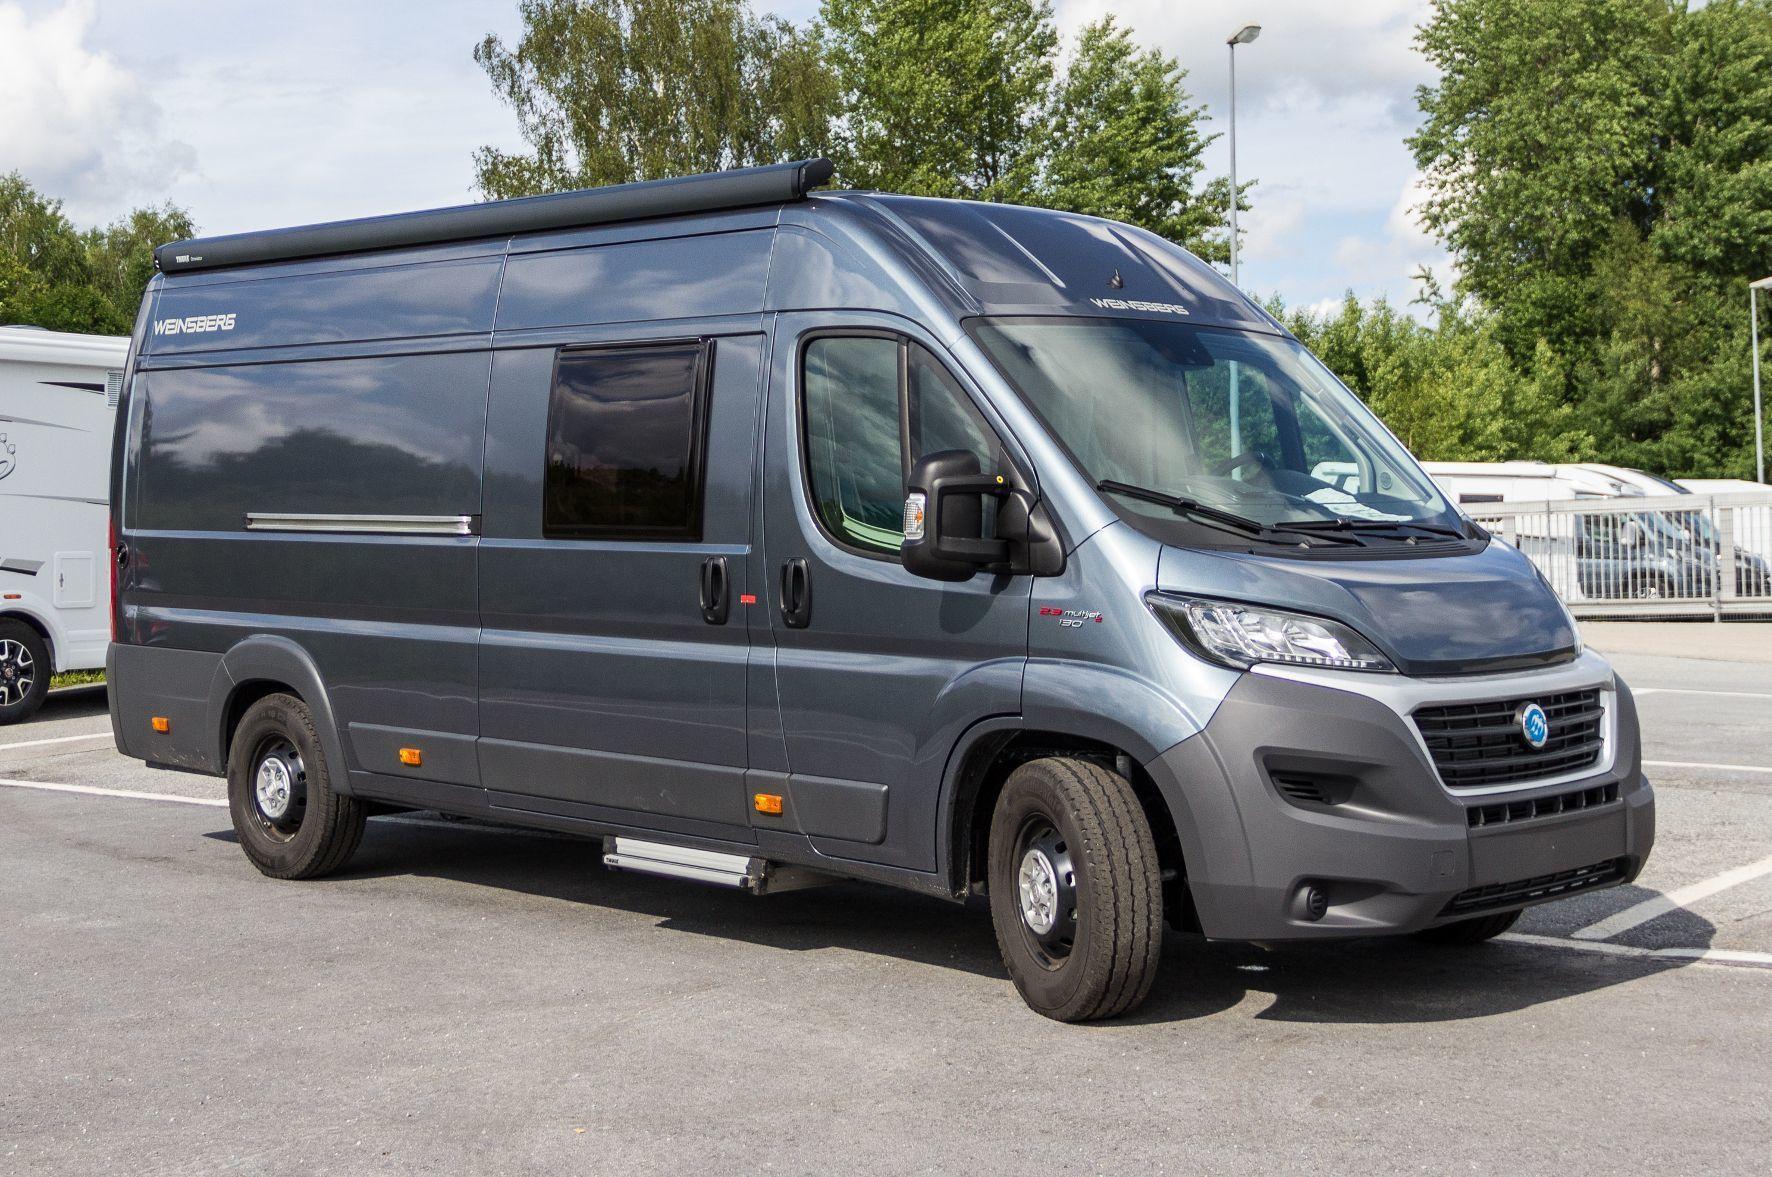 """mid Bad Griesbach - """"Caratour"""" heißt die neue Reisemobil-Baureihe von Weinsberg. Die zur Knaus-Tabbert-Group gehörende Marke bietet das Einstiegsmodell ab 33.990 Euro an."""